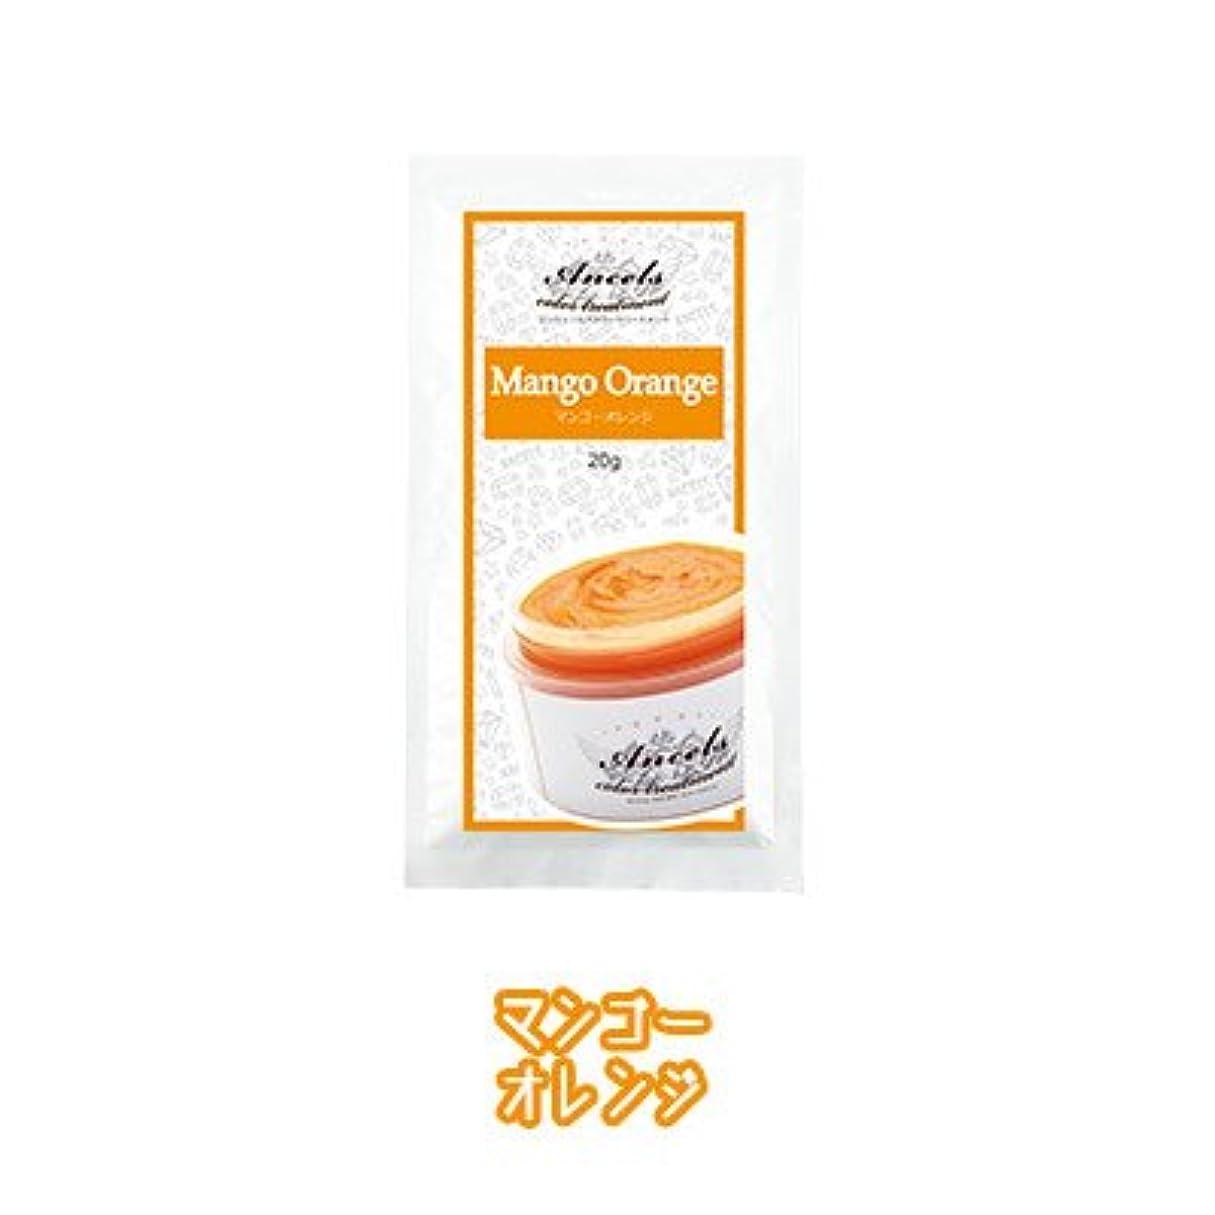 無意識グラム優先権エンシェールズ カラートリートメントバター プチ(お試しサイズ) マンゴーオレンジ 20g